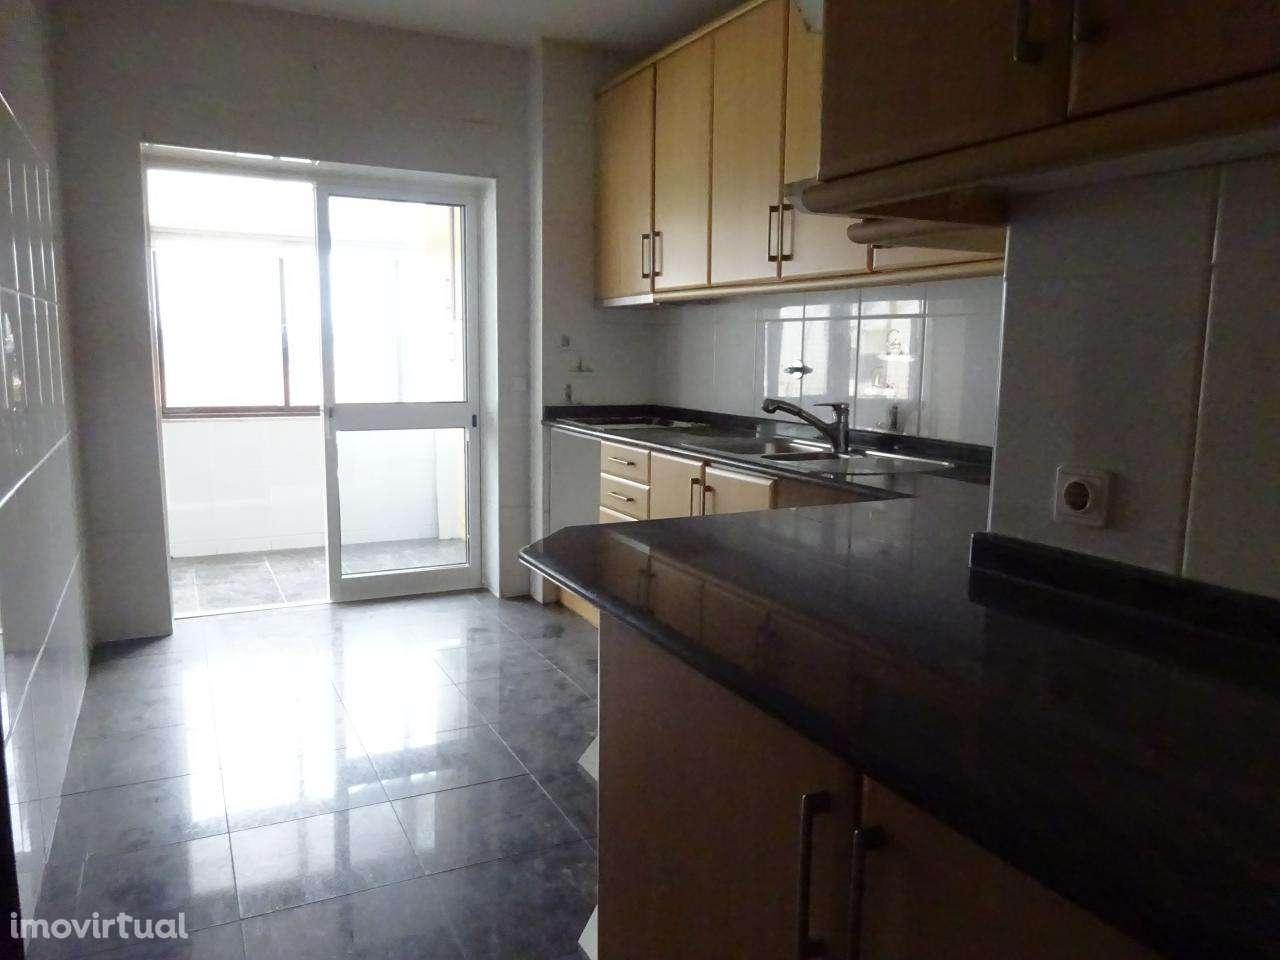 Apartamento para arrendar, Mirandela - Foto 3